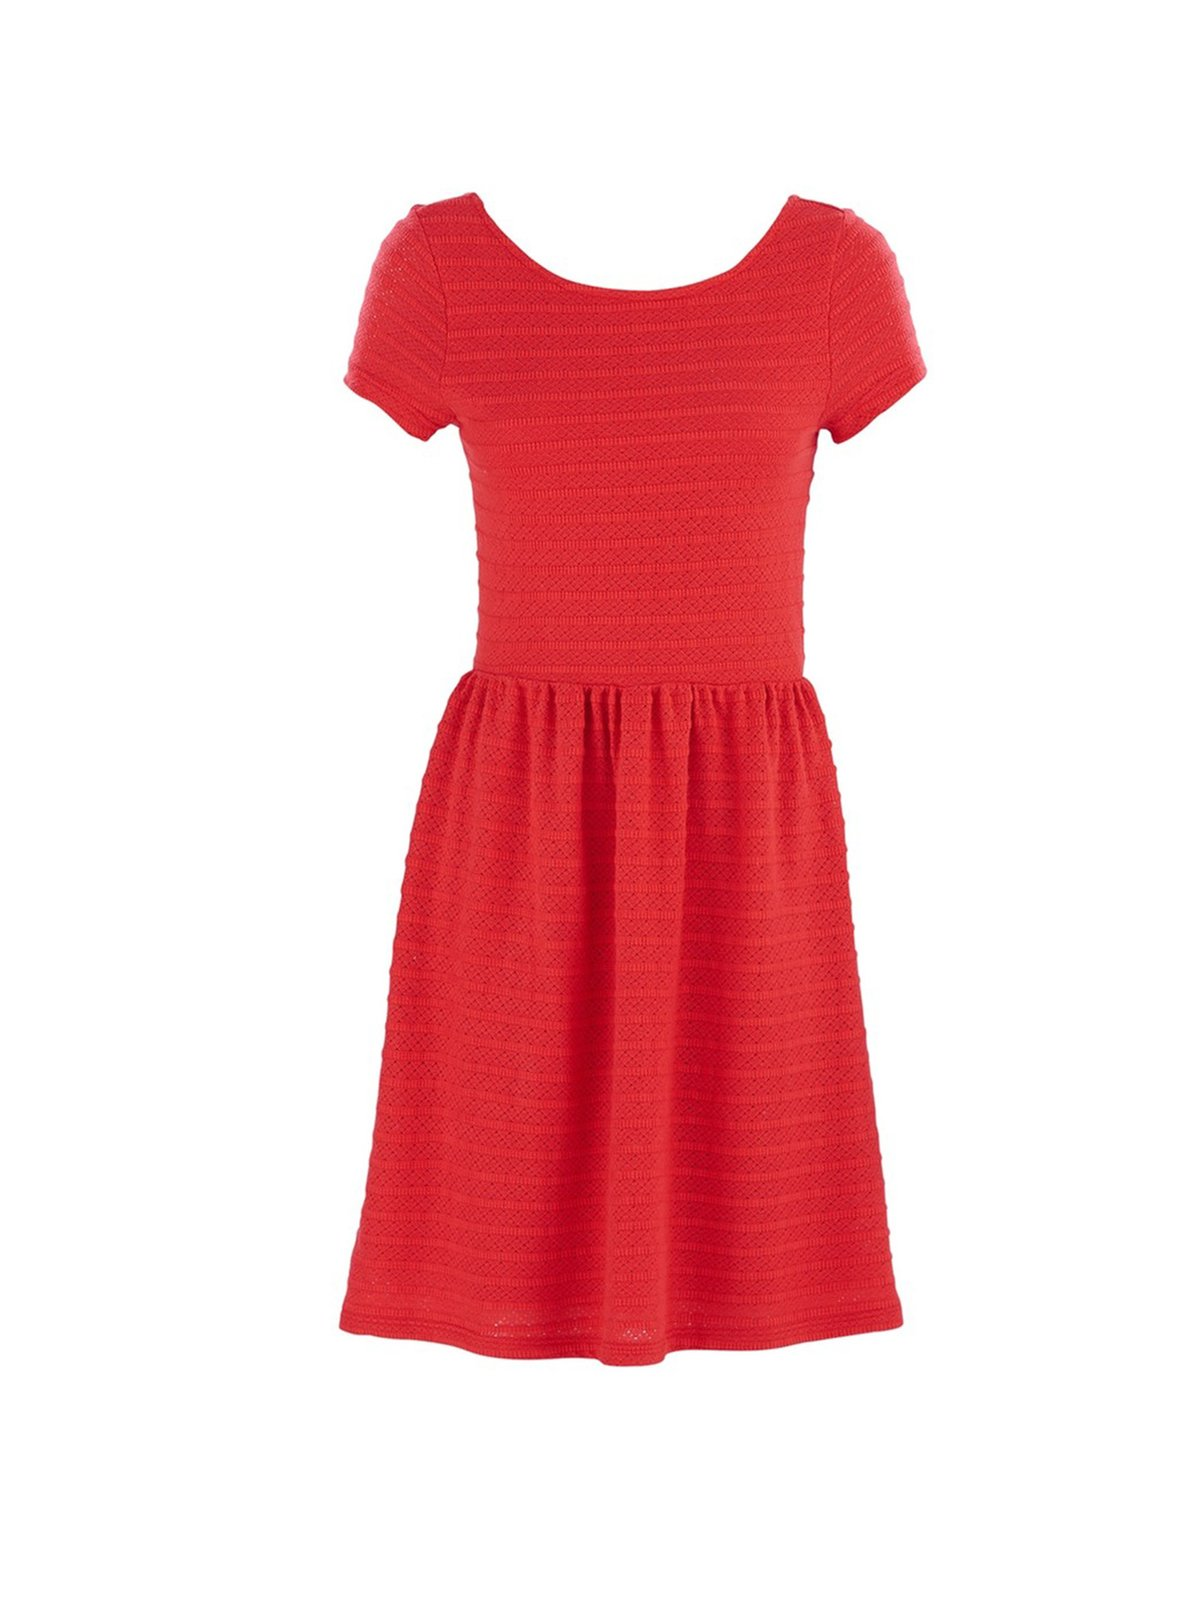 Платье кораллового цвета | 2287847 | фото 5